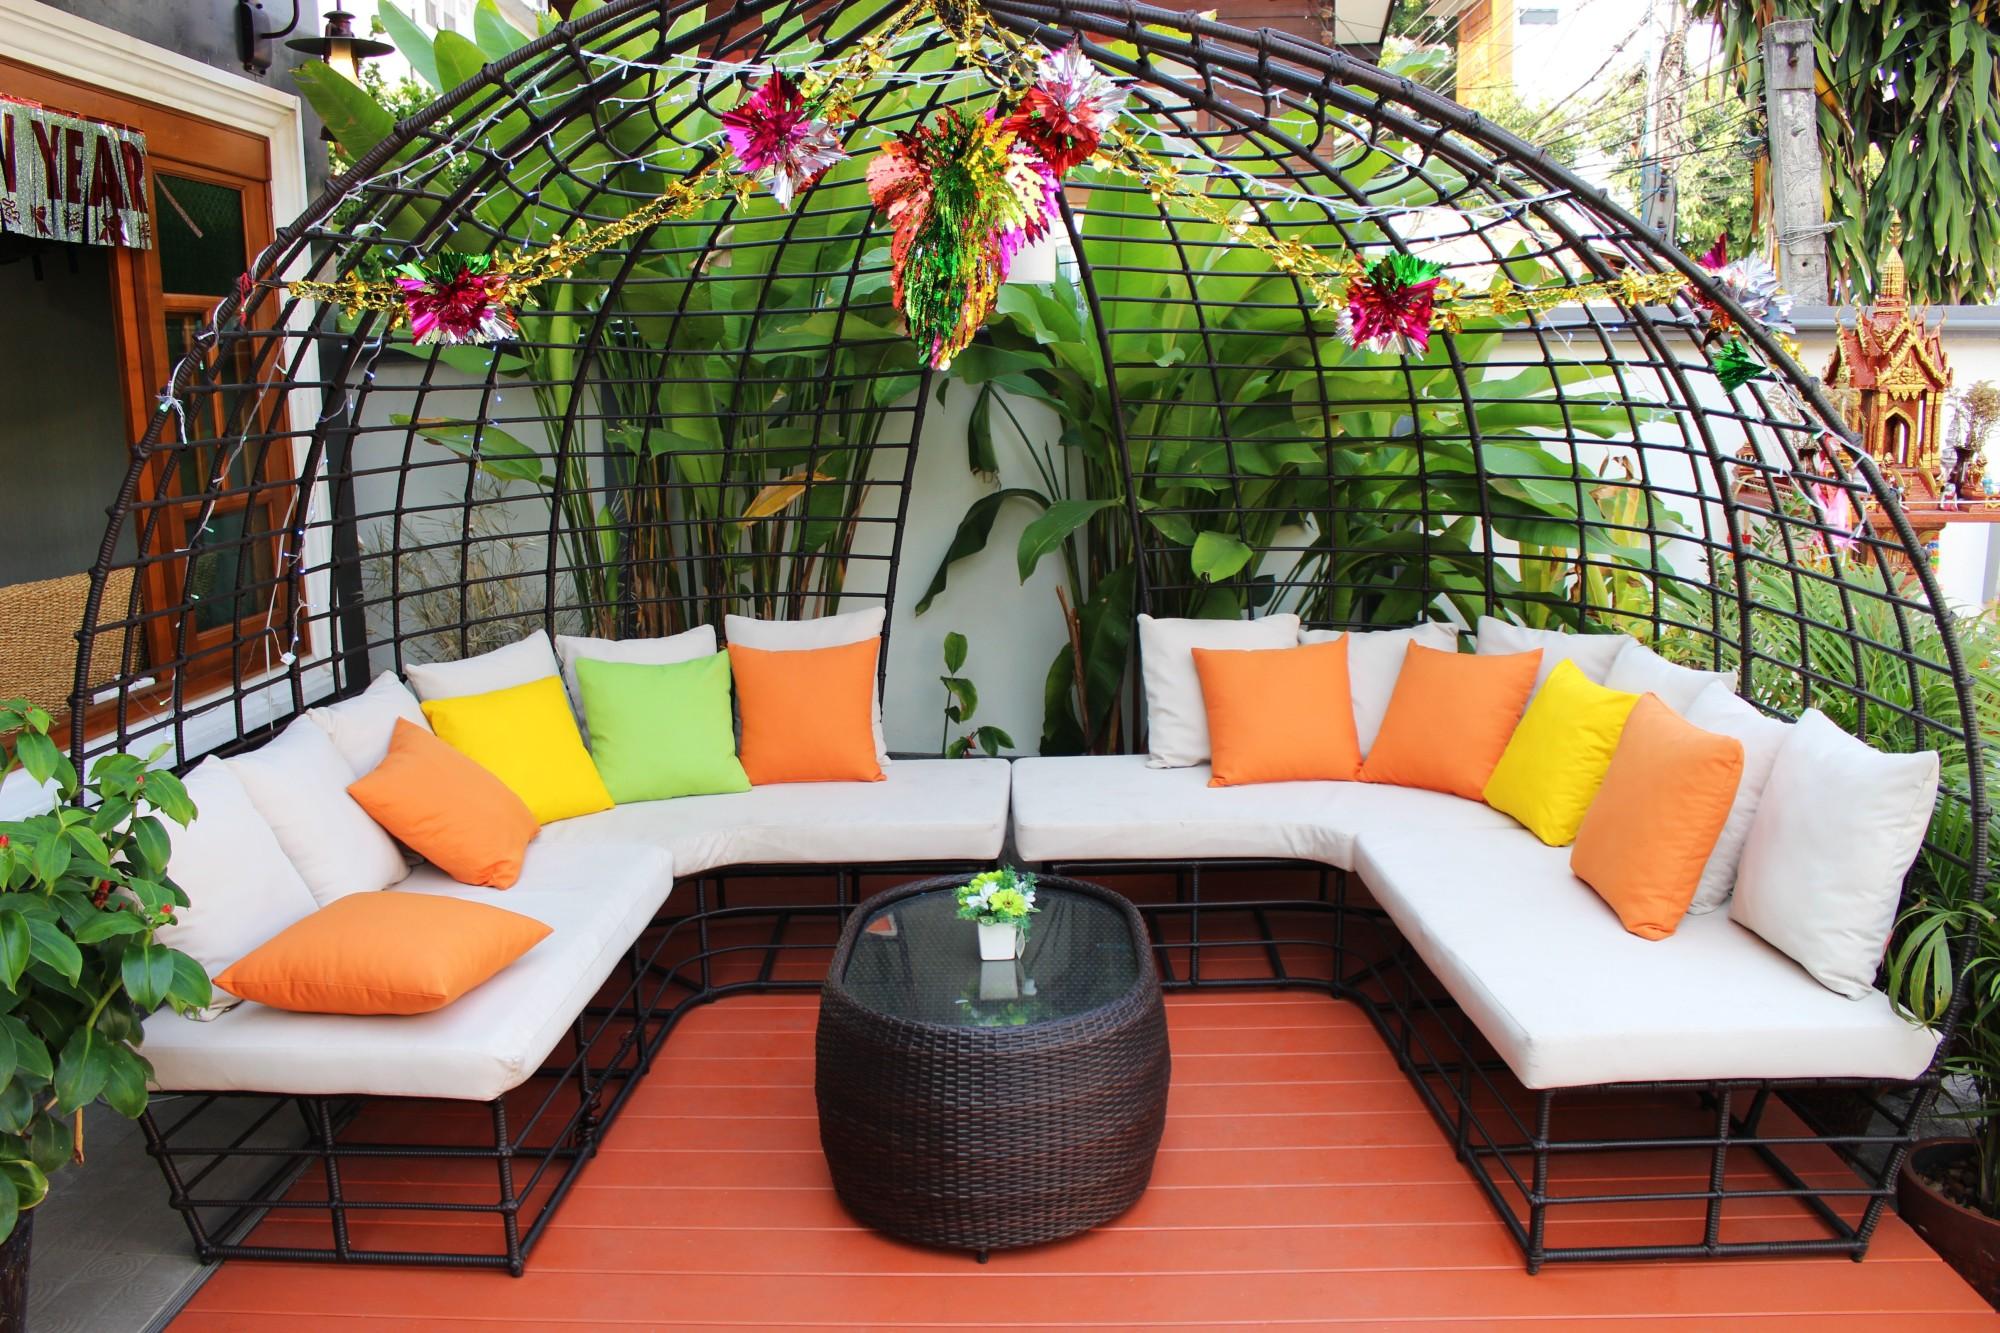 Fixer Upper: 8 Stunning Backyard Design Ideas You'll Adore